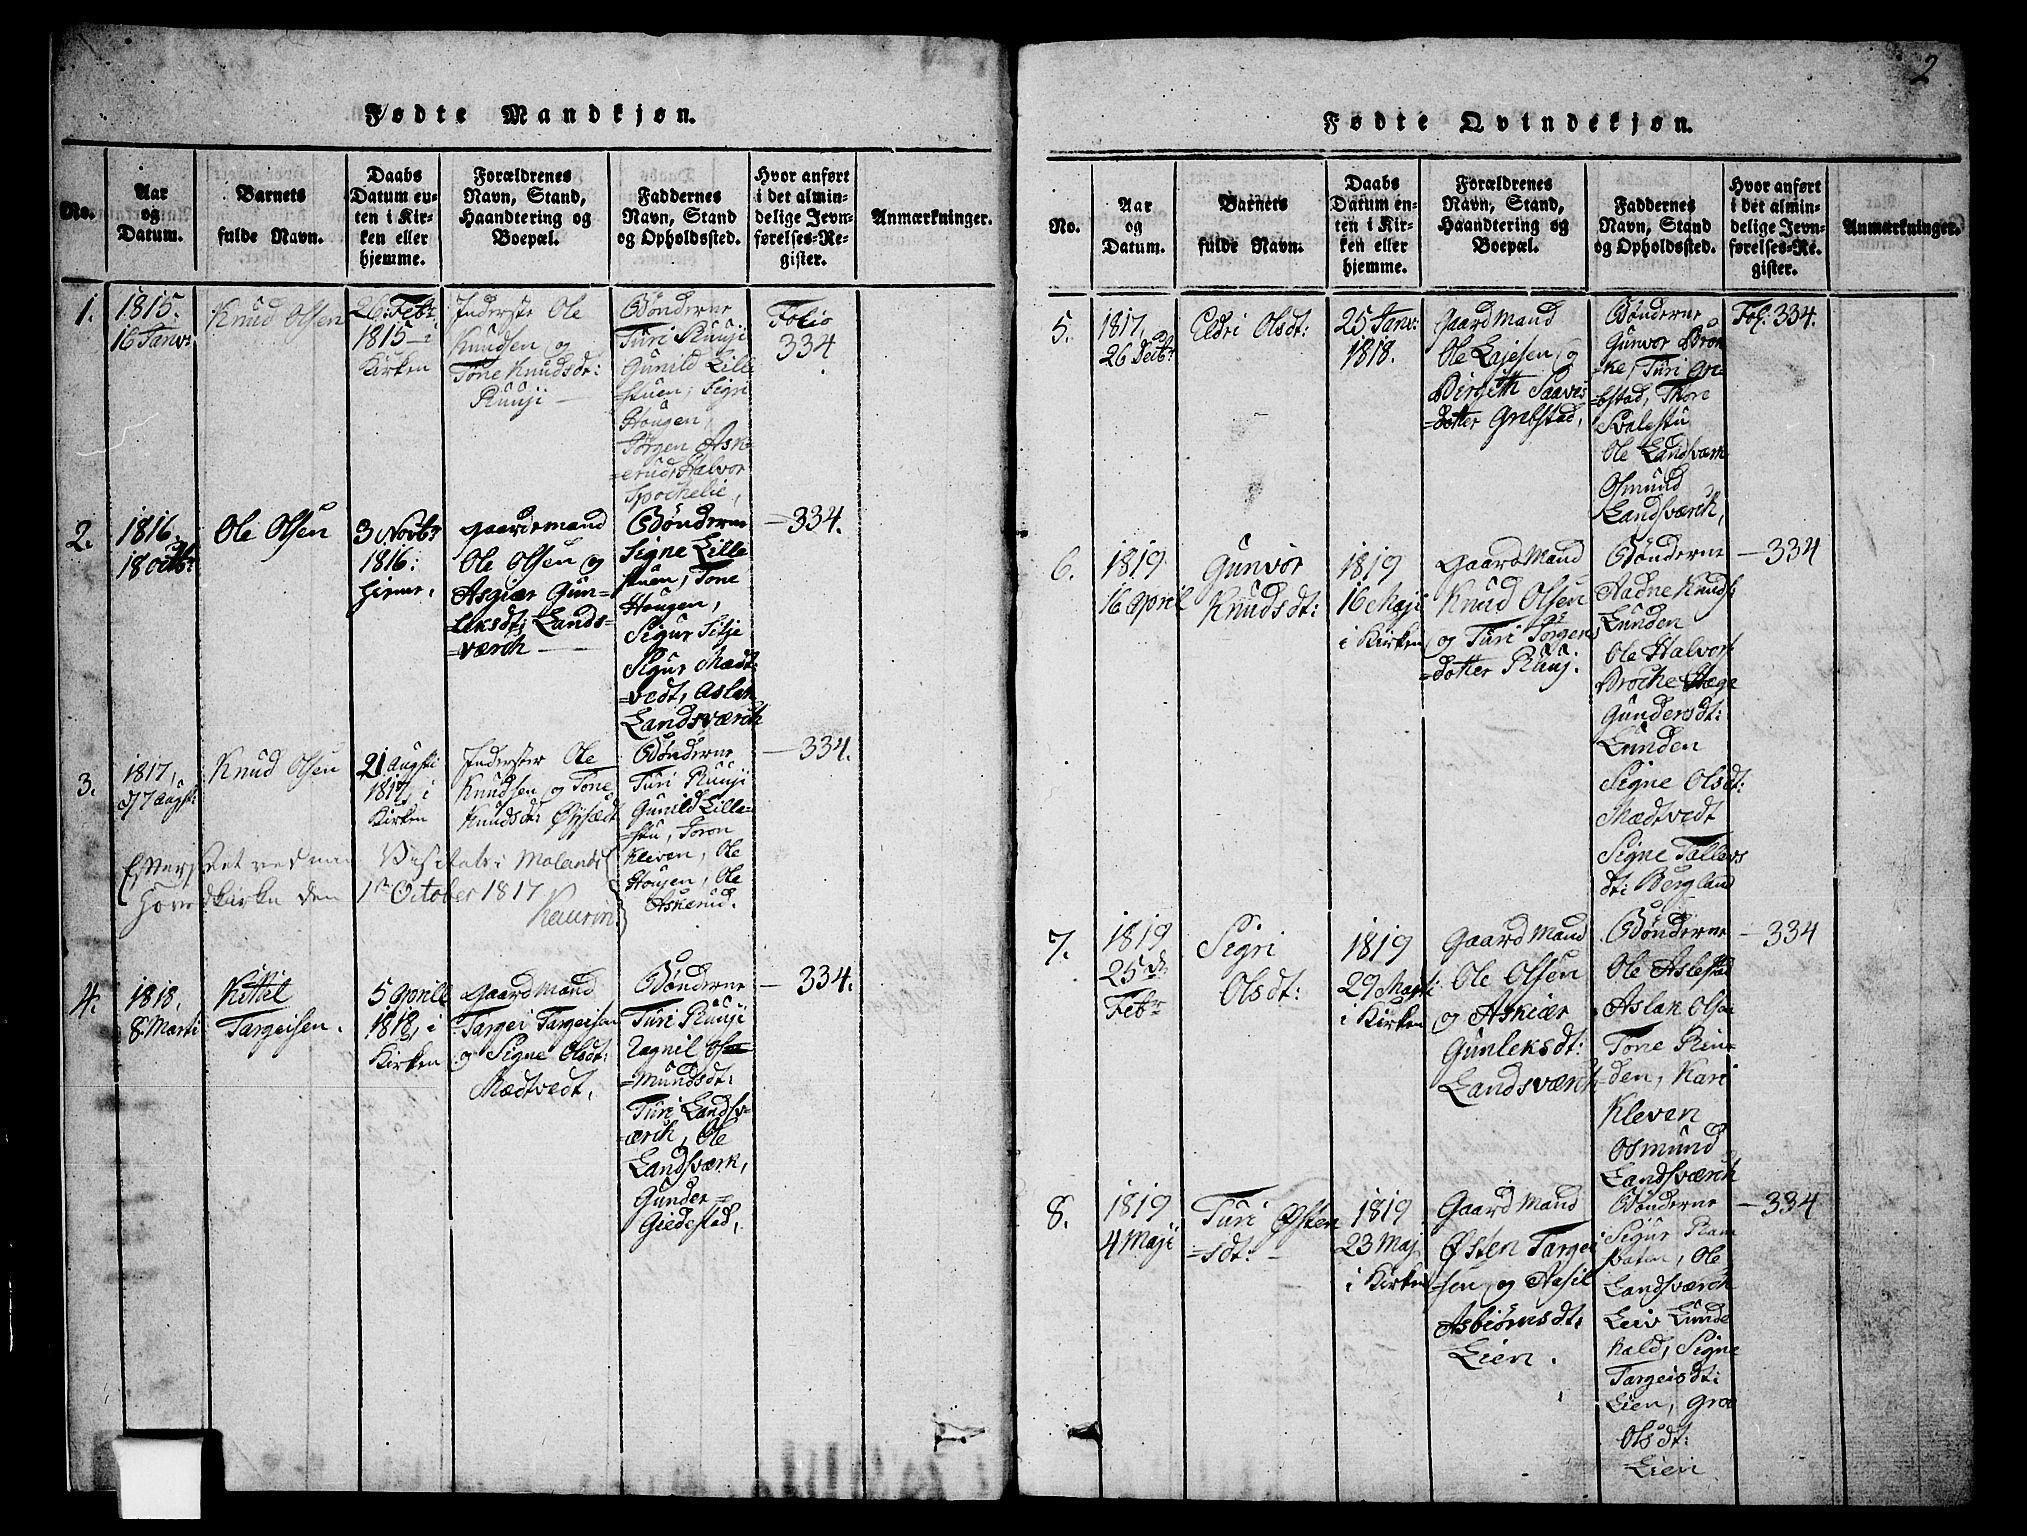 SAKO, Fyresdal kirkebøker, G/Ga/L0002: Klokkerbok nr. I 2, 1815-1857, s. 2